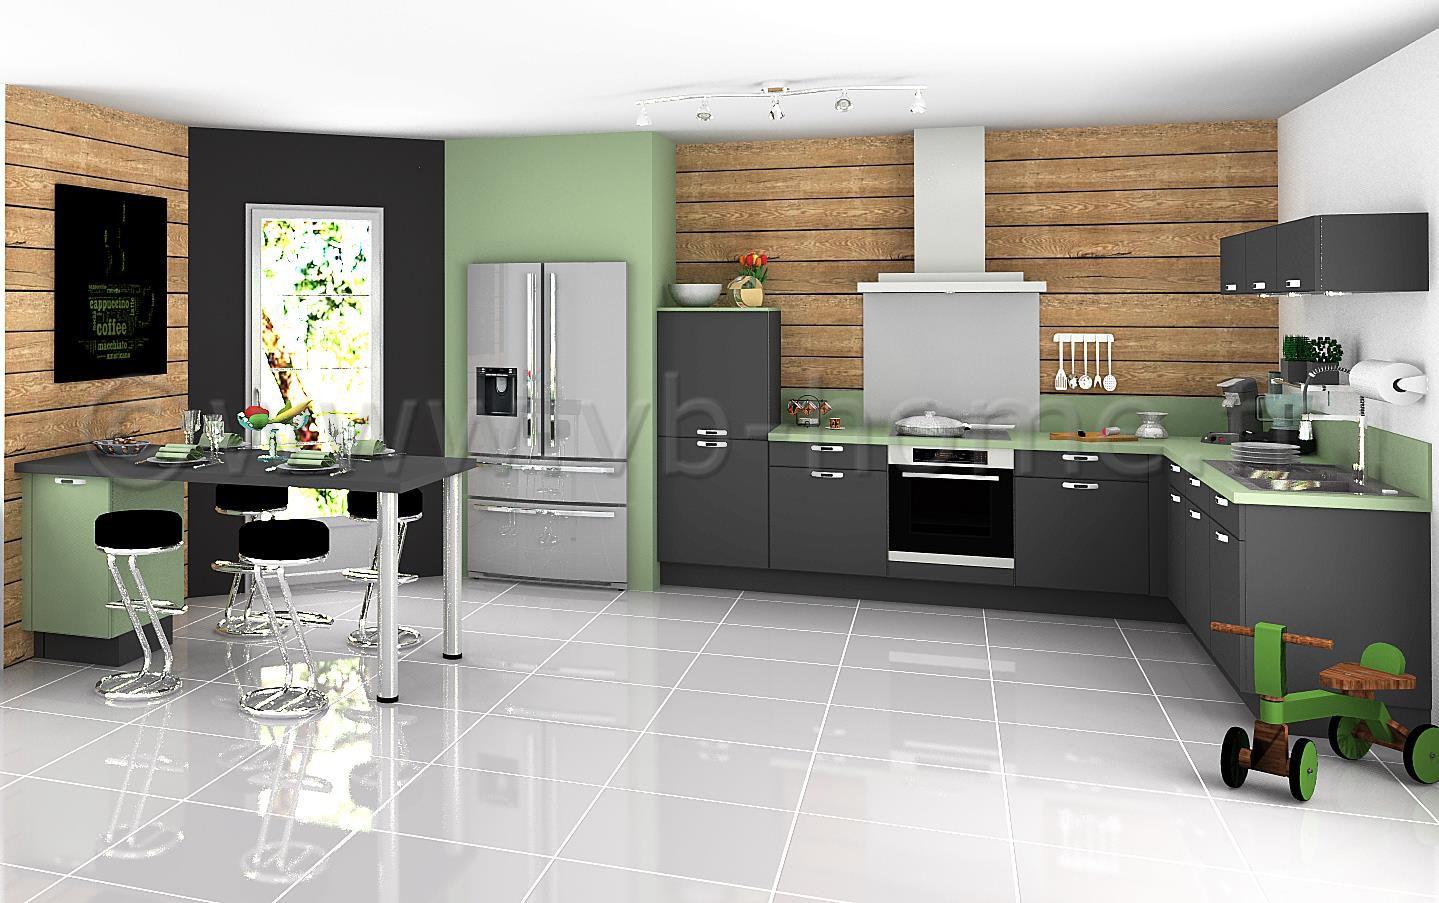 grande cuisine ouverte moderne avec fa ades gris vert plan de travail assorti murs d cor. Black Bedroom Furniture Sets. Home Design Ideas